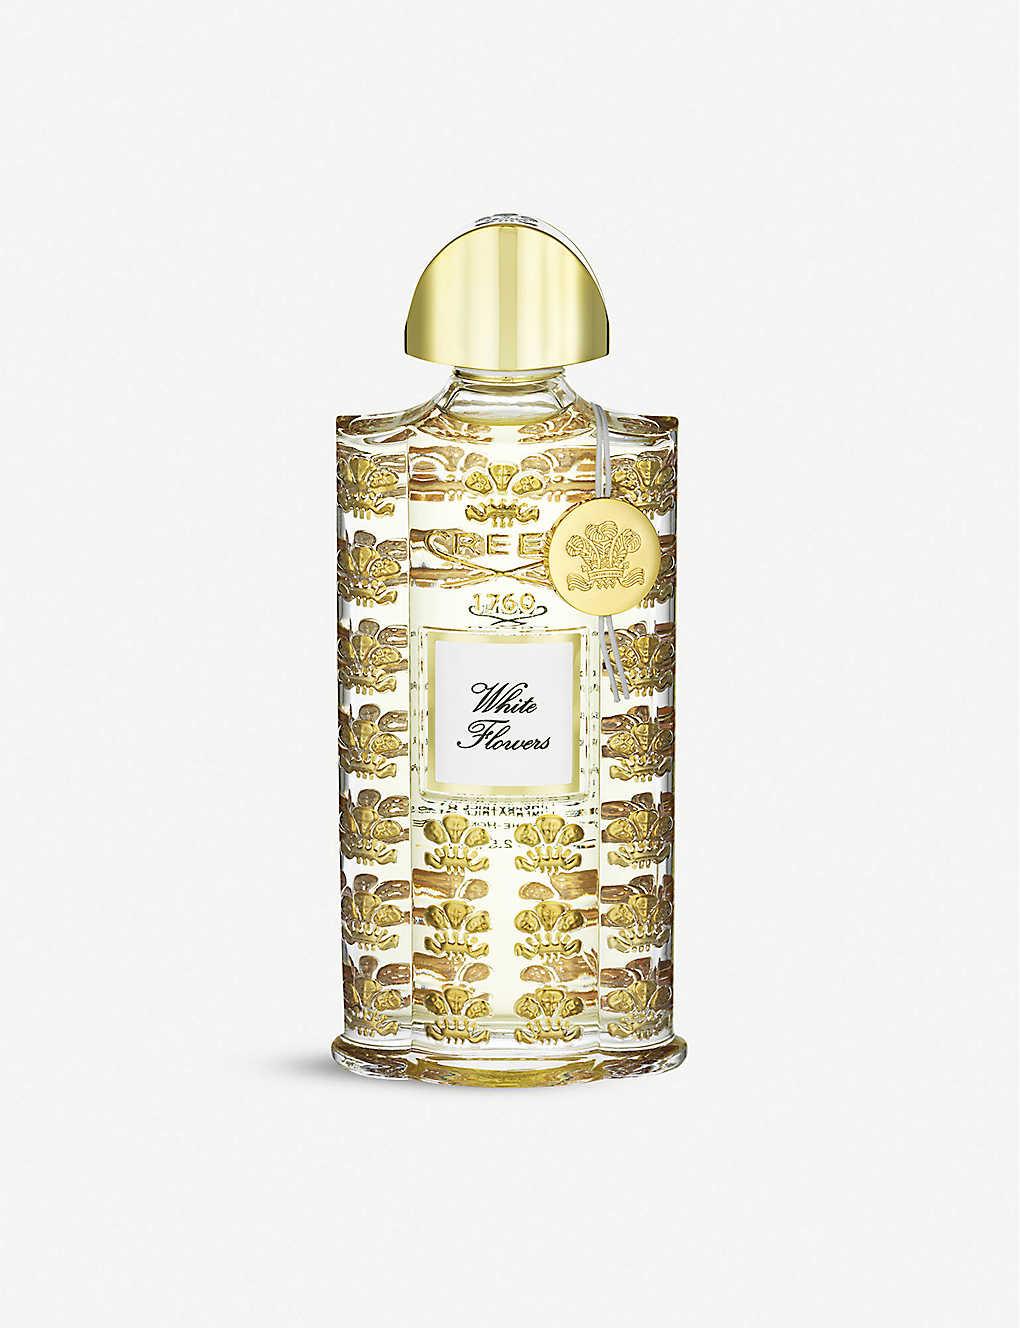 Creed White Flowers Eau De Parfum 75ml Selfridges